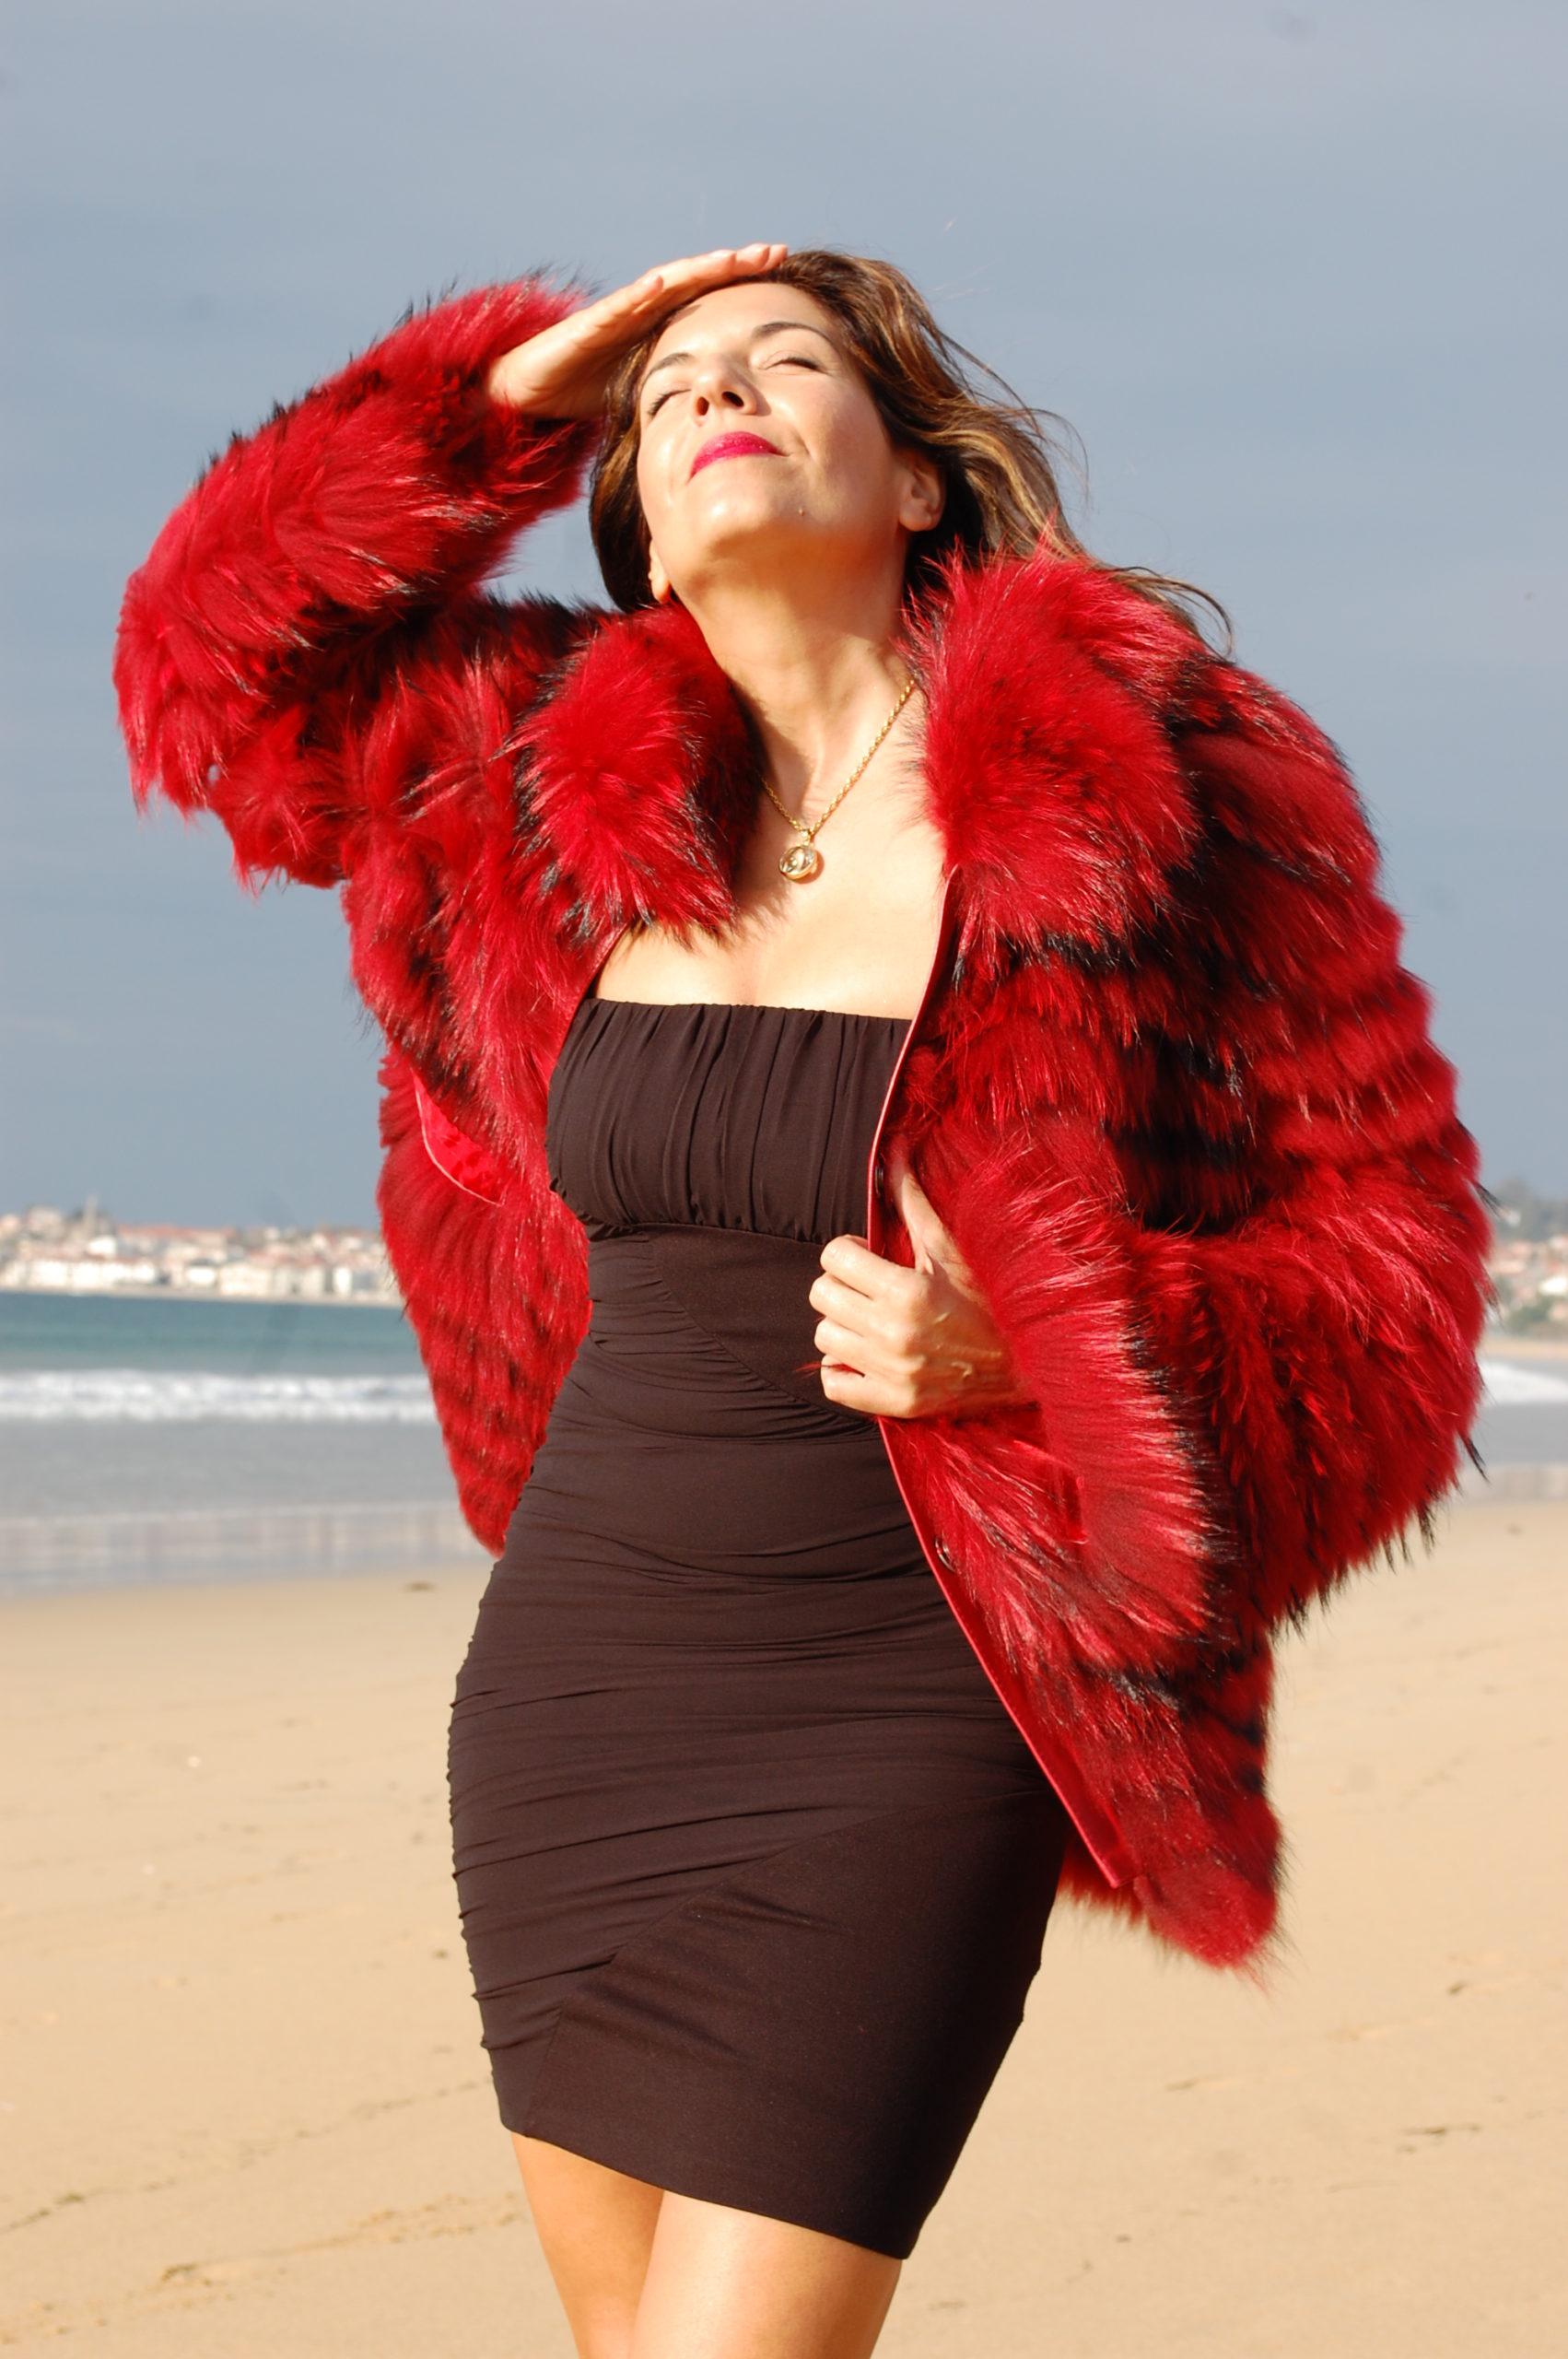 mujer 50 años en la playa con abrigo rojo